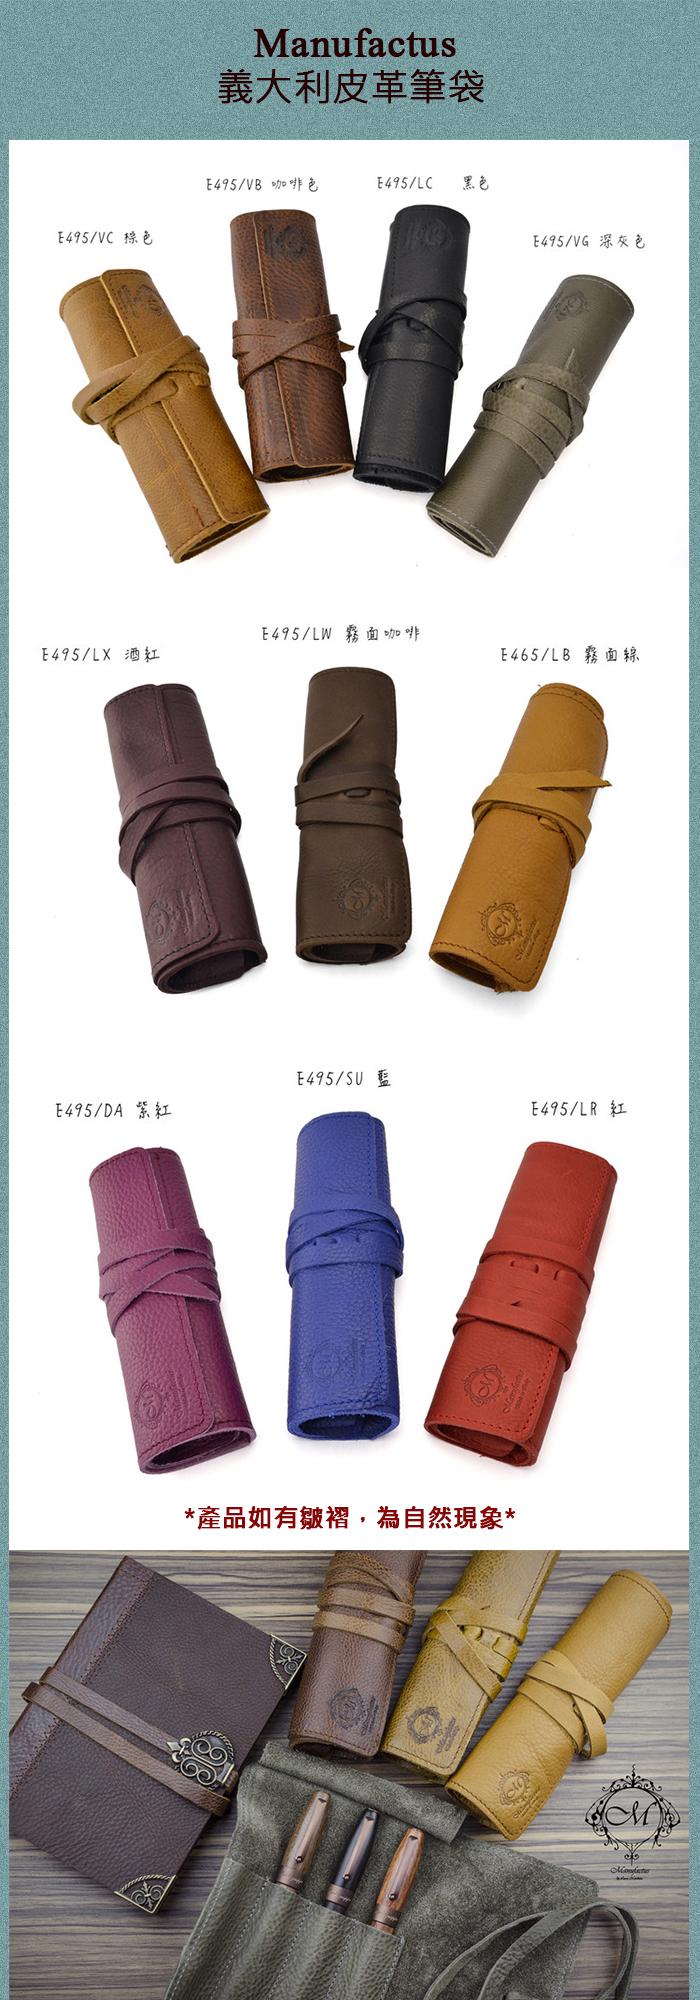 Manufactus │義大利皮革4入筆袋(棕/咖啡/深灰/黑) - E495